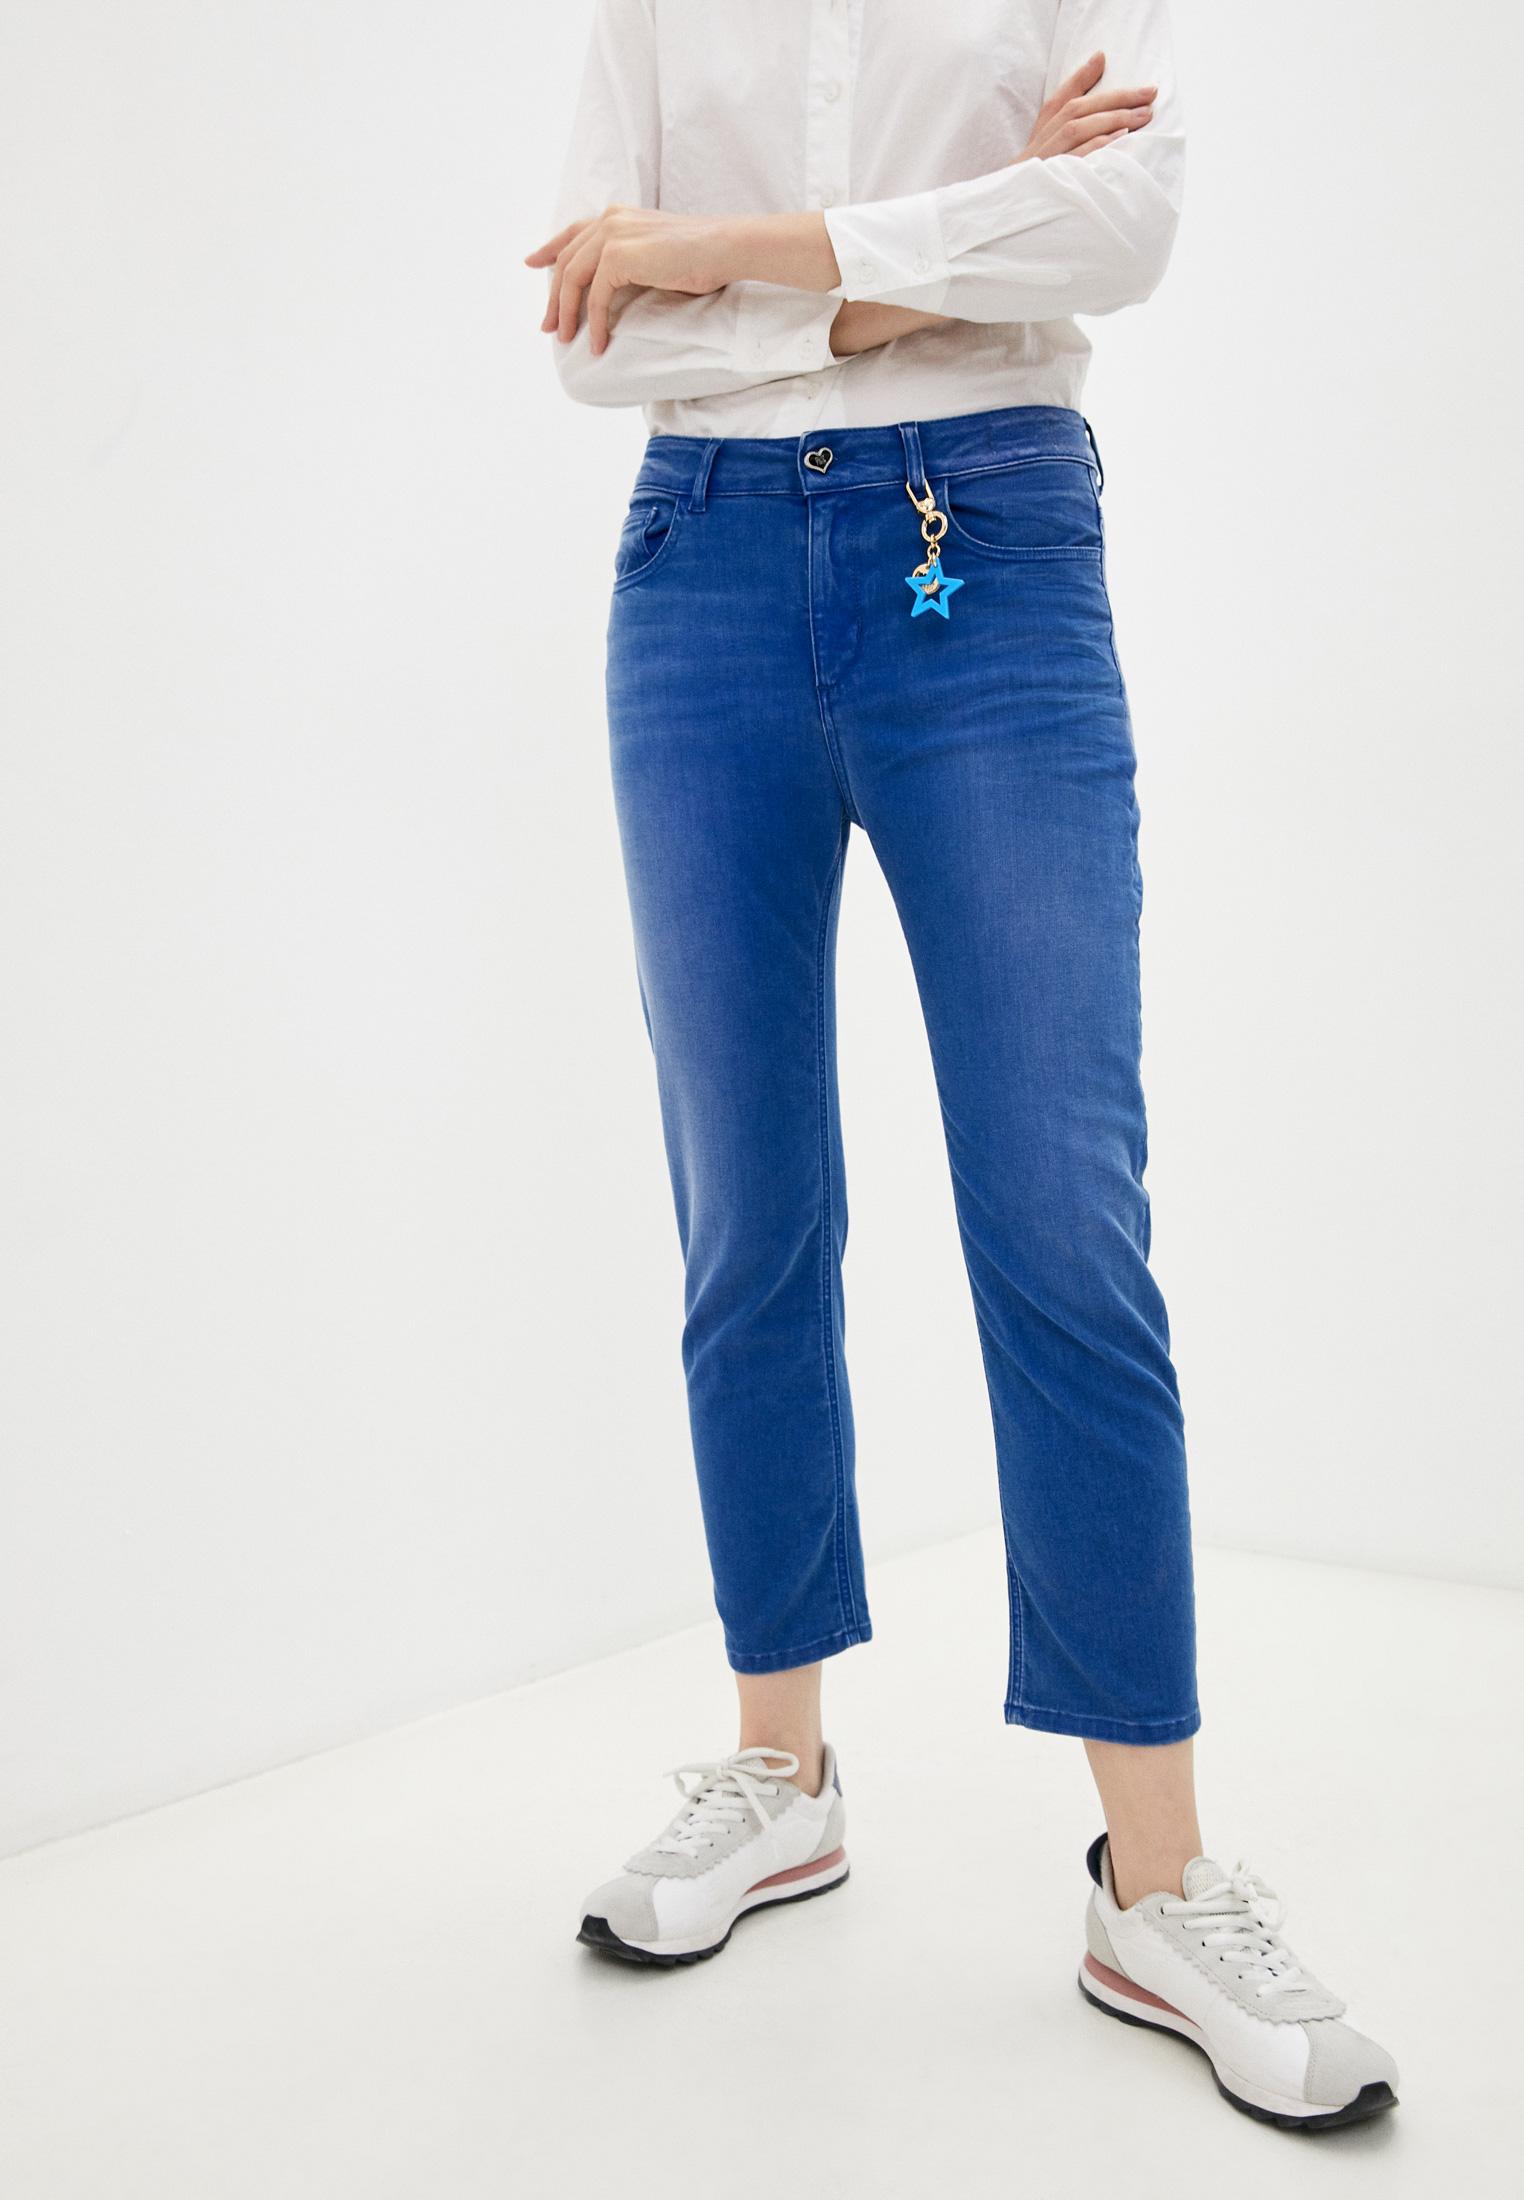 Прямые джинсы Twinset Milano Джинсы Twinset Milano